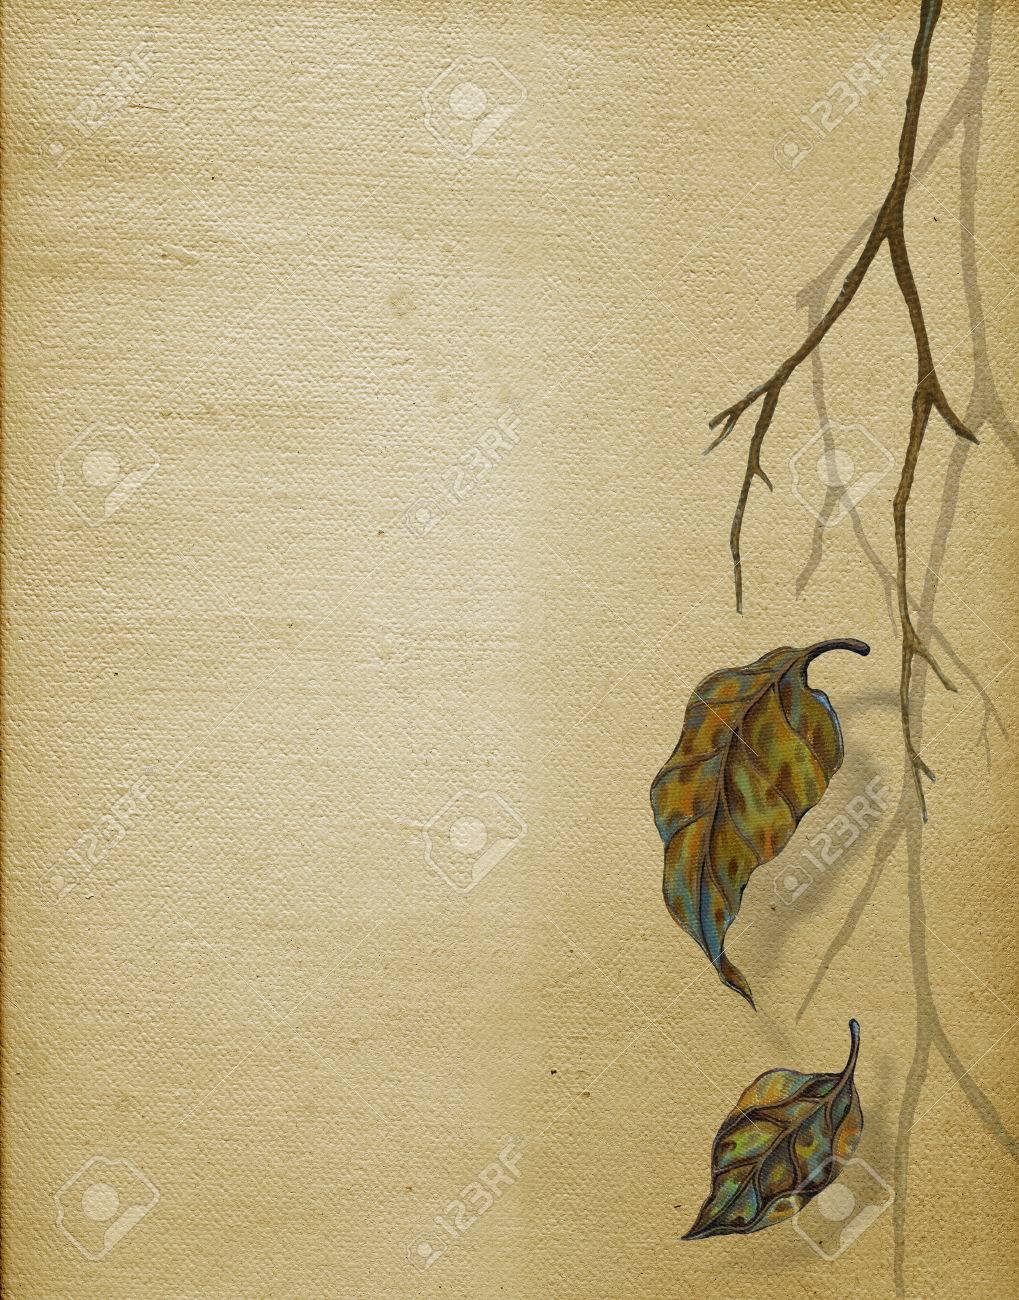 Kunst Herbst Leaf Hand Gemalde Auf Leinwand Fur Das Layout Oder Hintergrund Lizenzfreie Fotos Bilder Und Stock Fotografie Image 48641048